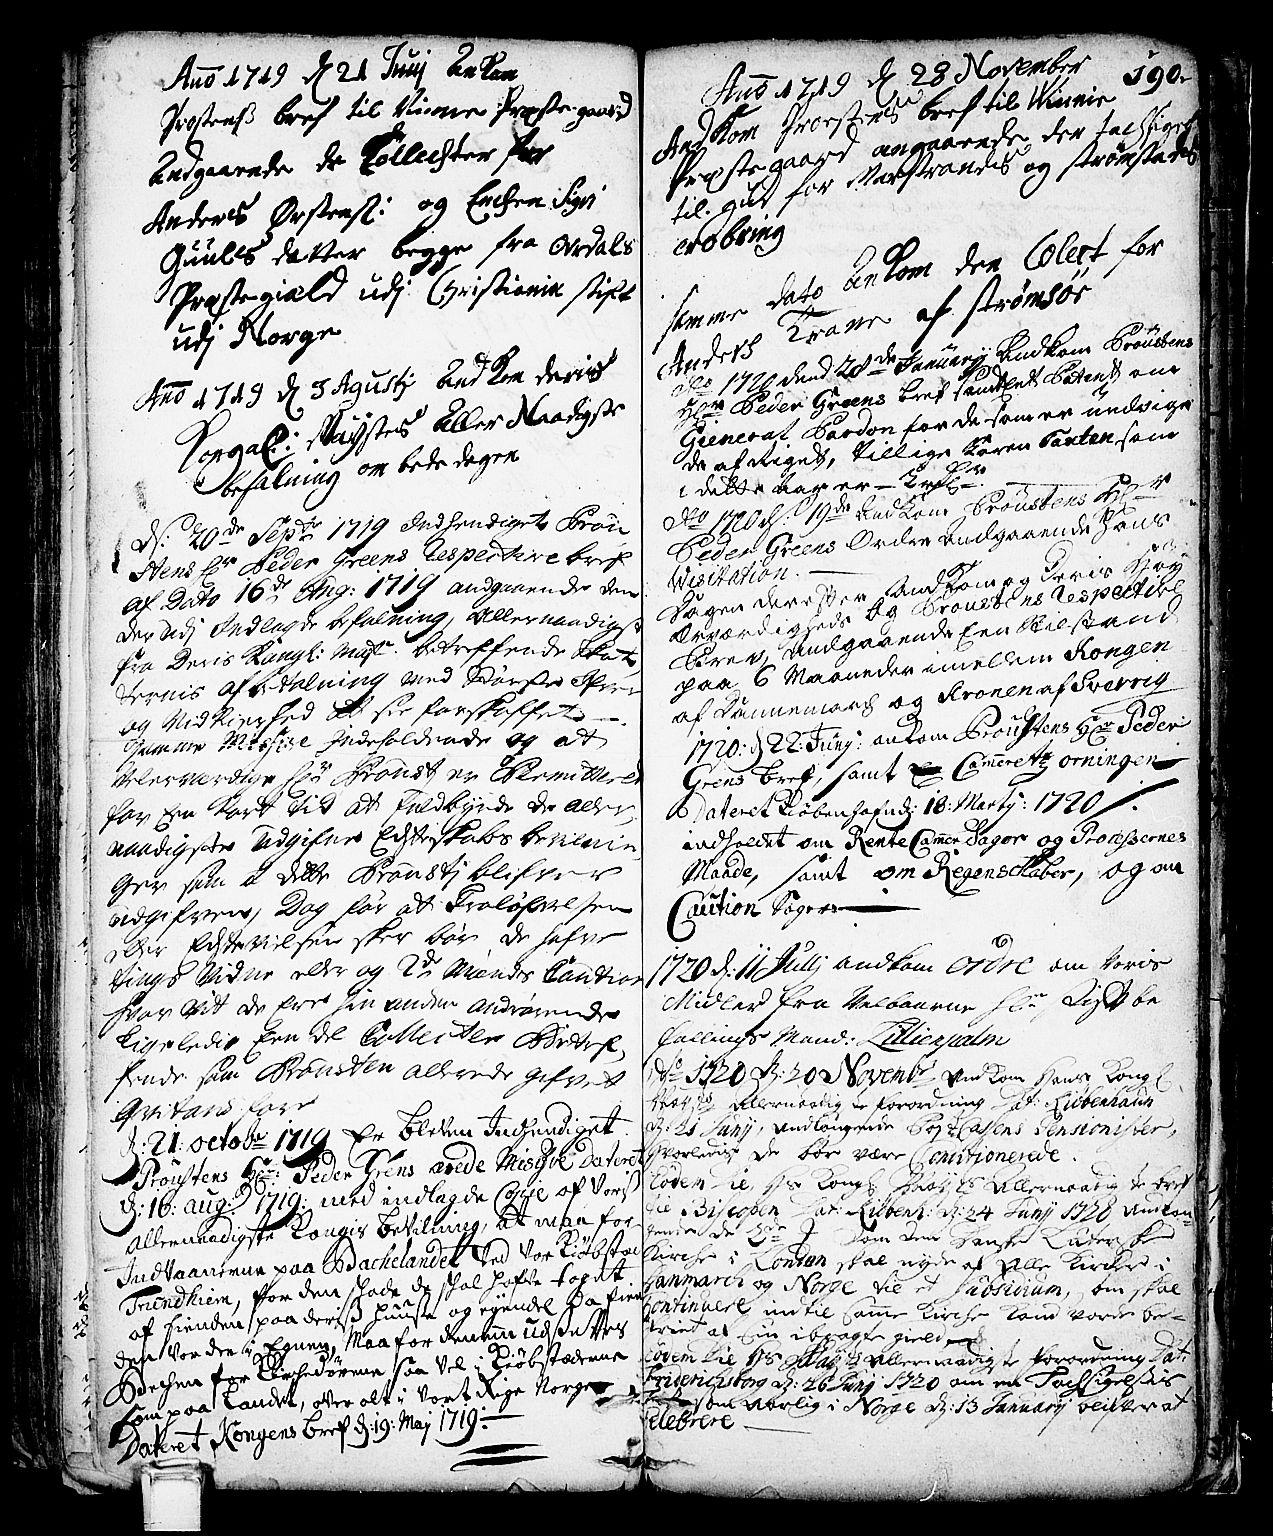 SAKO, Vinje kirkebøker, F/Fa/L0001: Ministerialbok nr. I 1, 1717-1766, s. 190